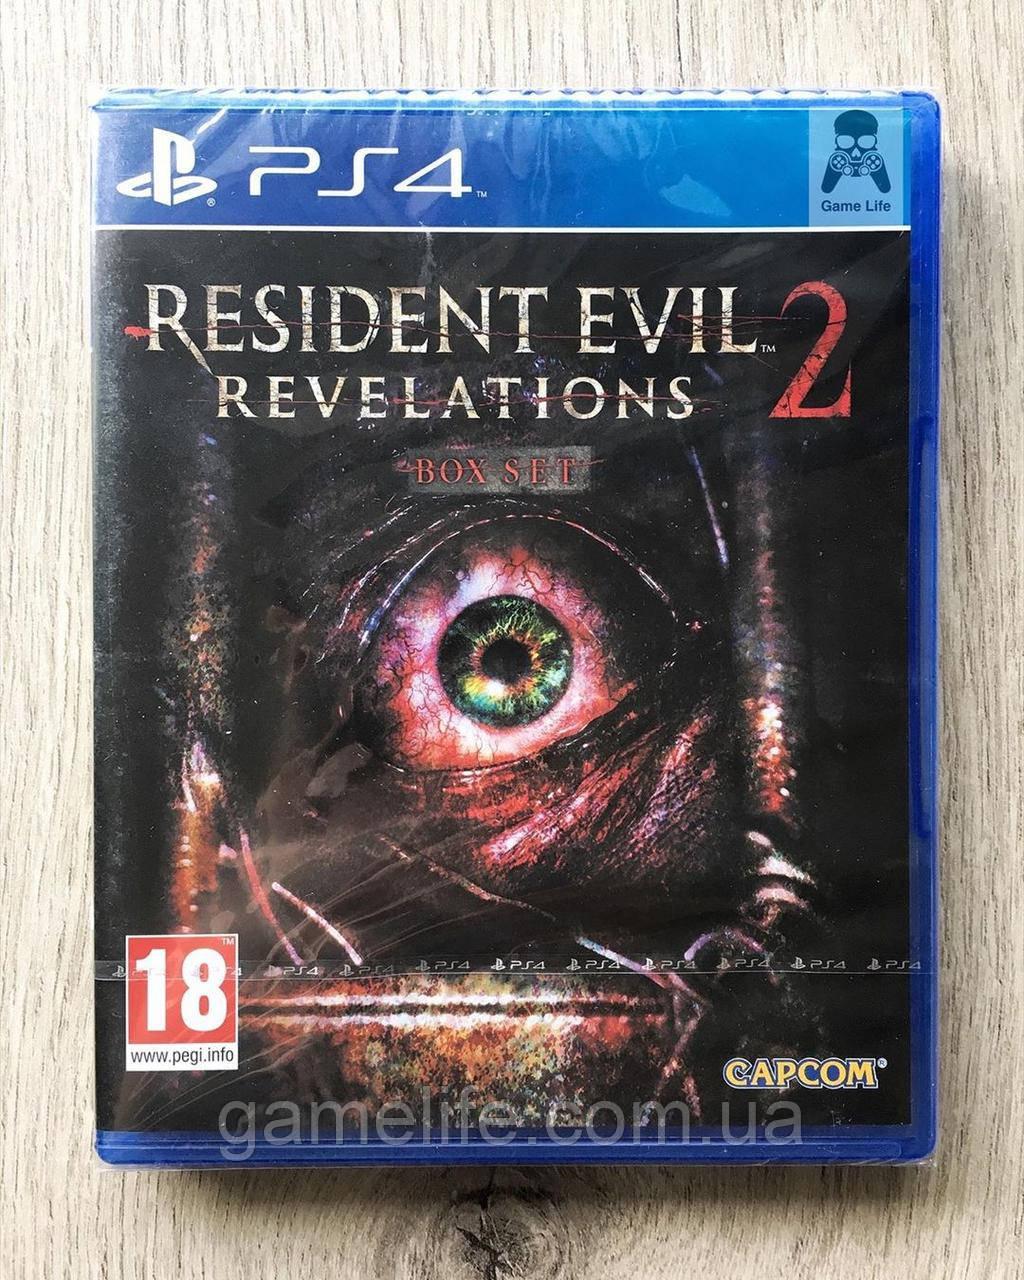 Resident Evil Revelations 2 Box Set (рус. суб.) PS4